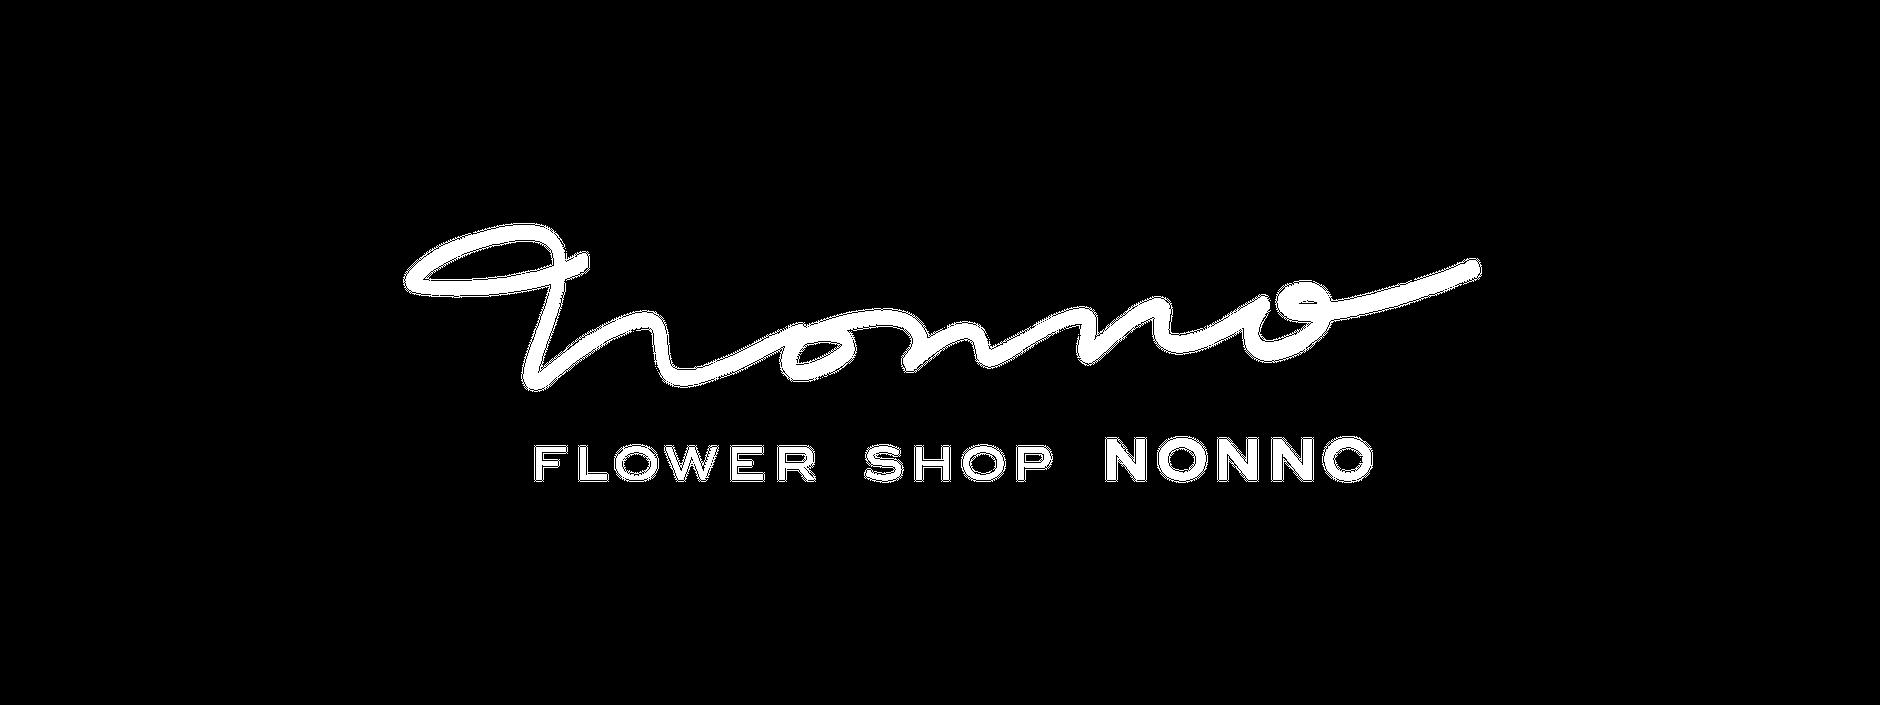 Flower shop nonno